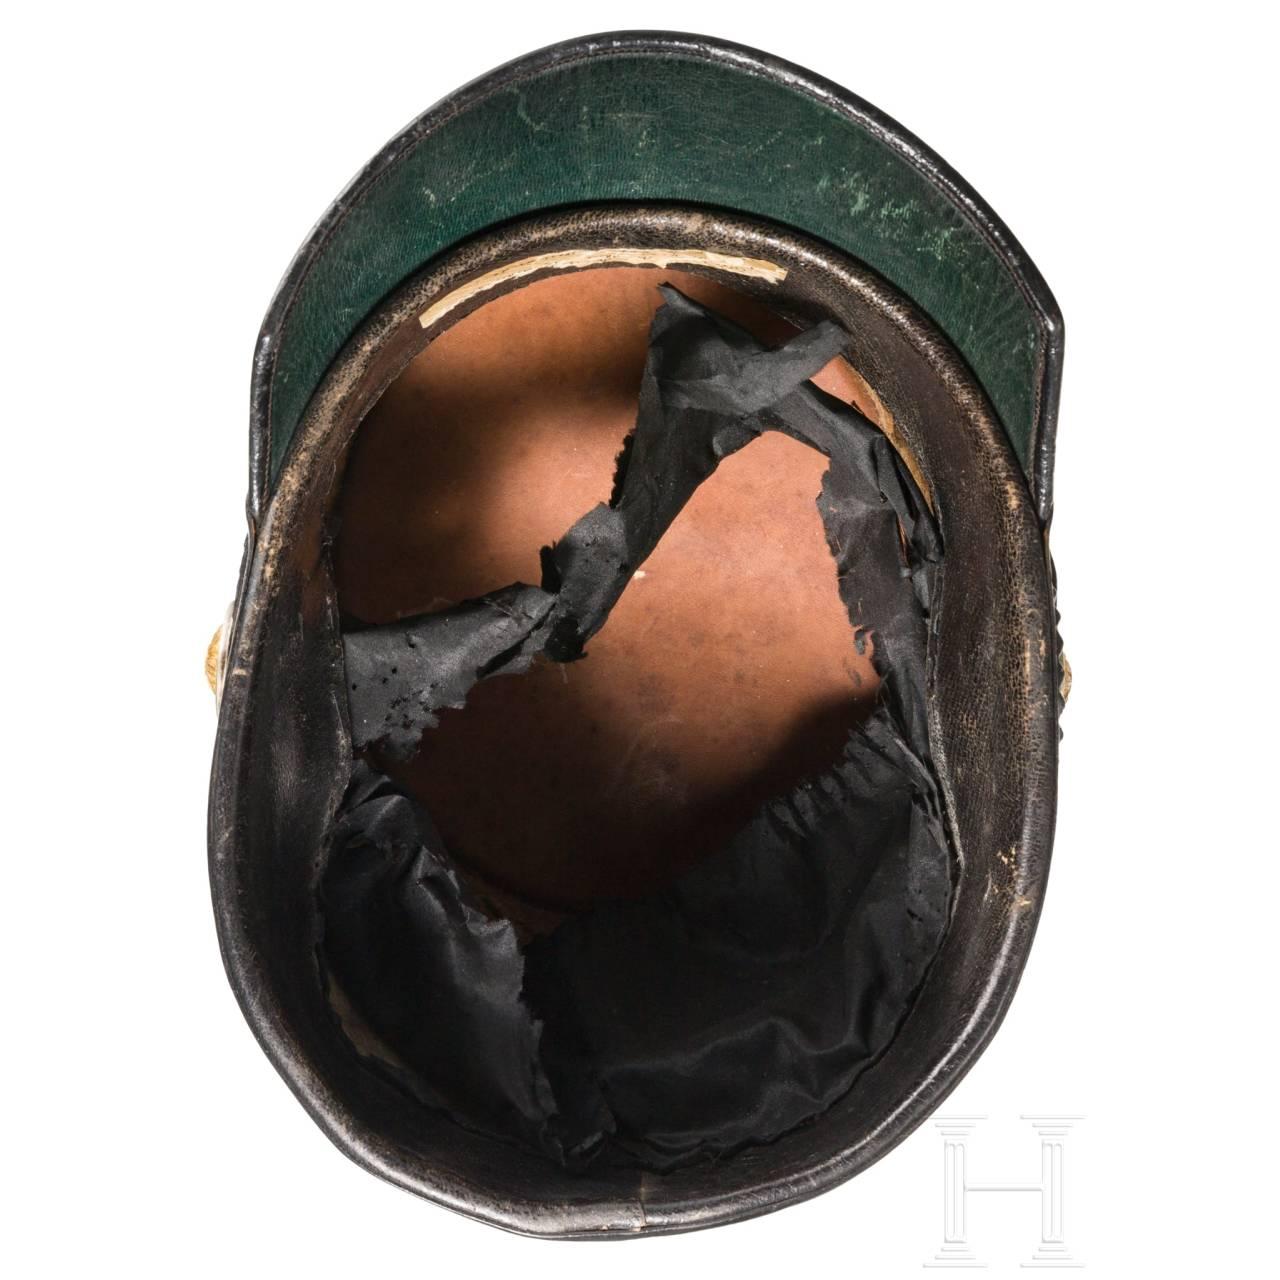 Tschako für Offiziere der Reichsgendarmerie, um 1900